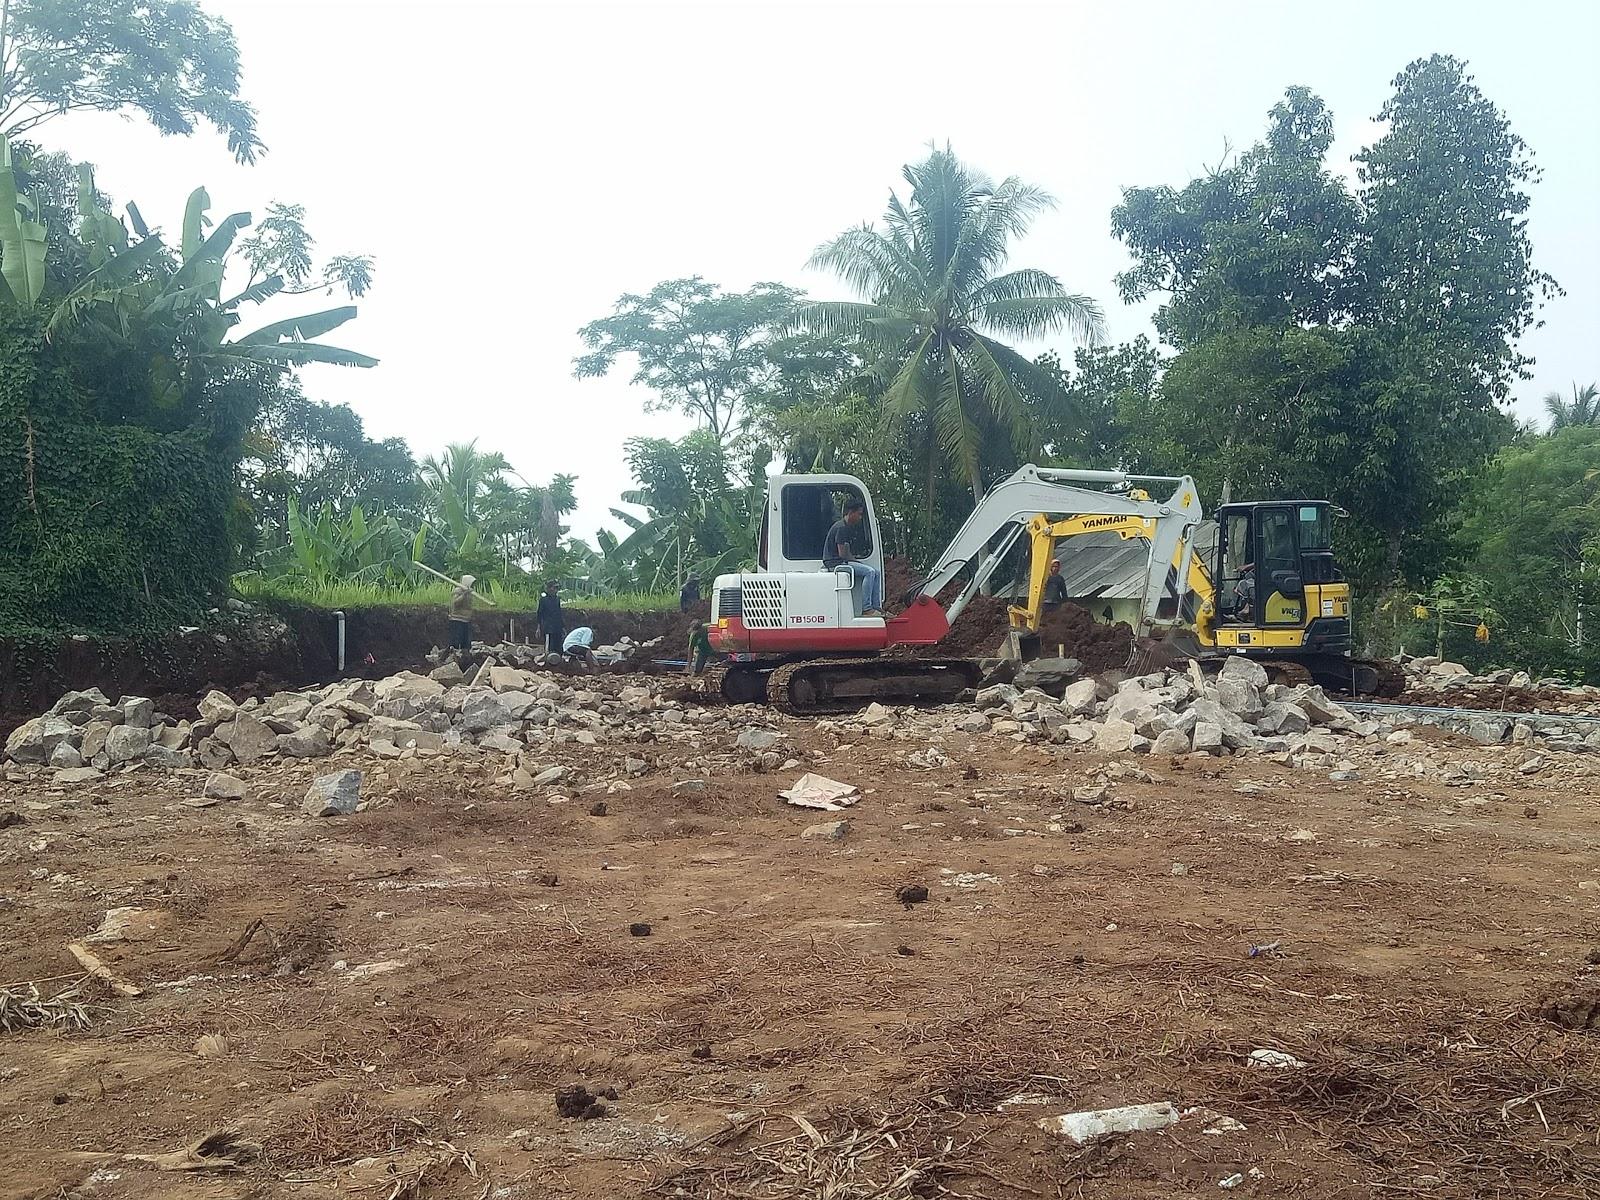 Disewakan Alat Berat Excavator Di Pandeglang Cas Water Park